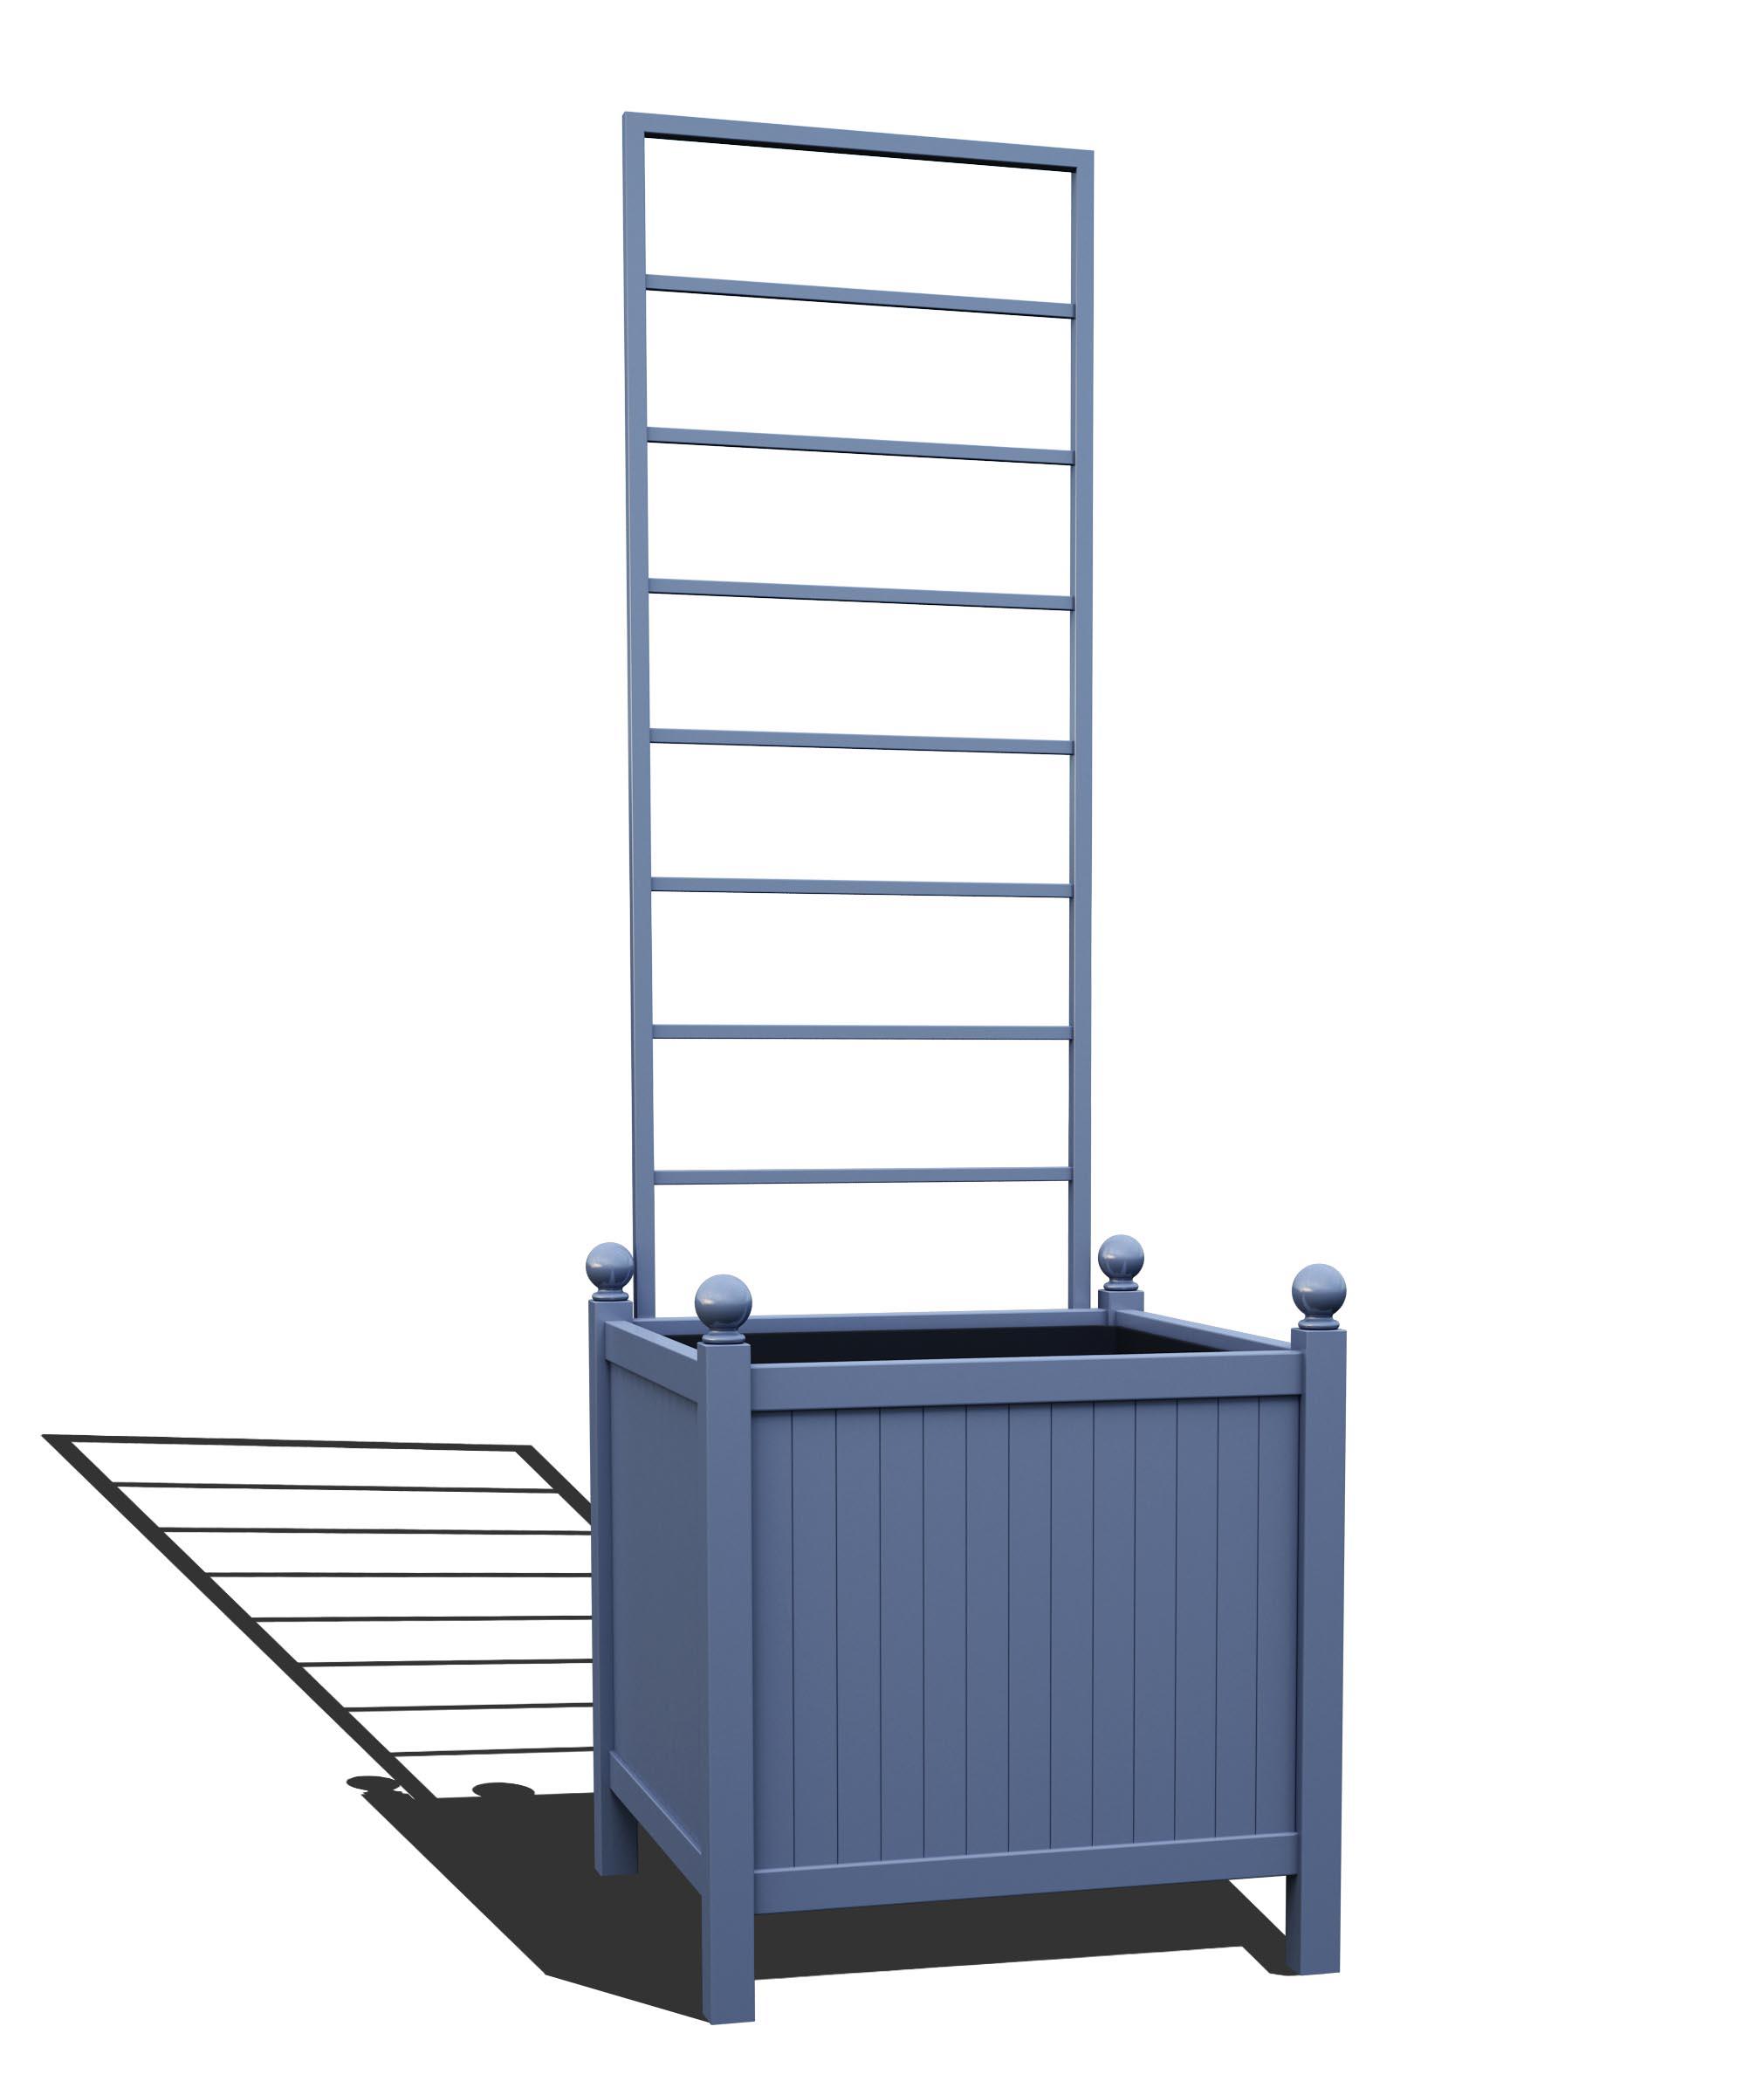 R24-Y-LLD-Versailler Park Metall Pflanzkübel mit abnehmbaren Rankgitter in RAL 5014 pigeon blue